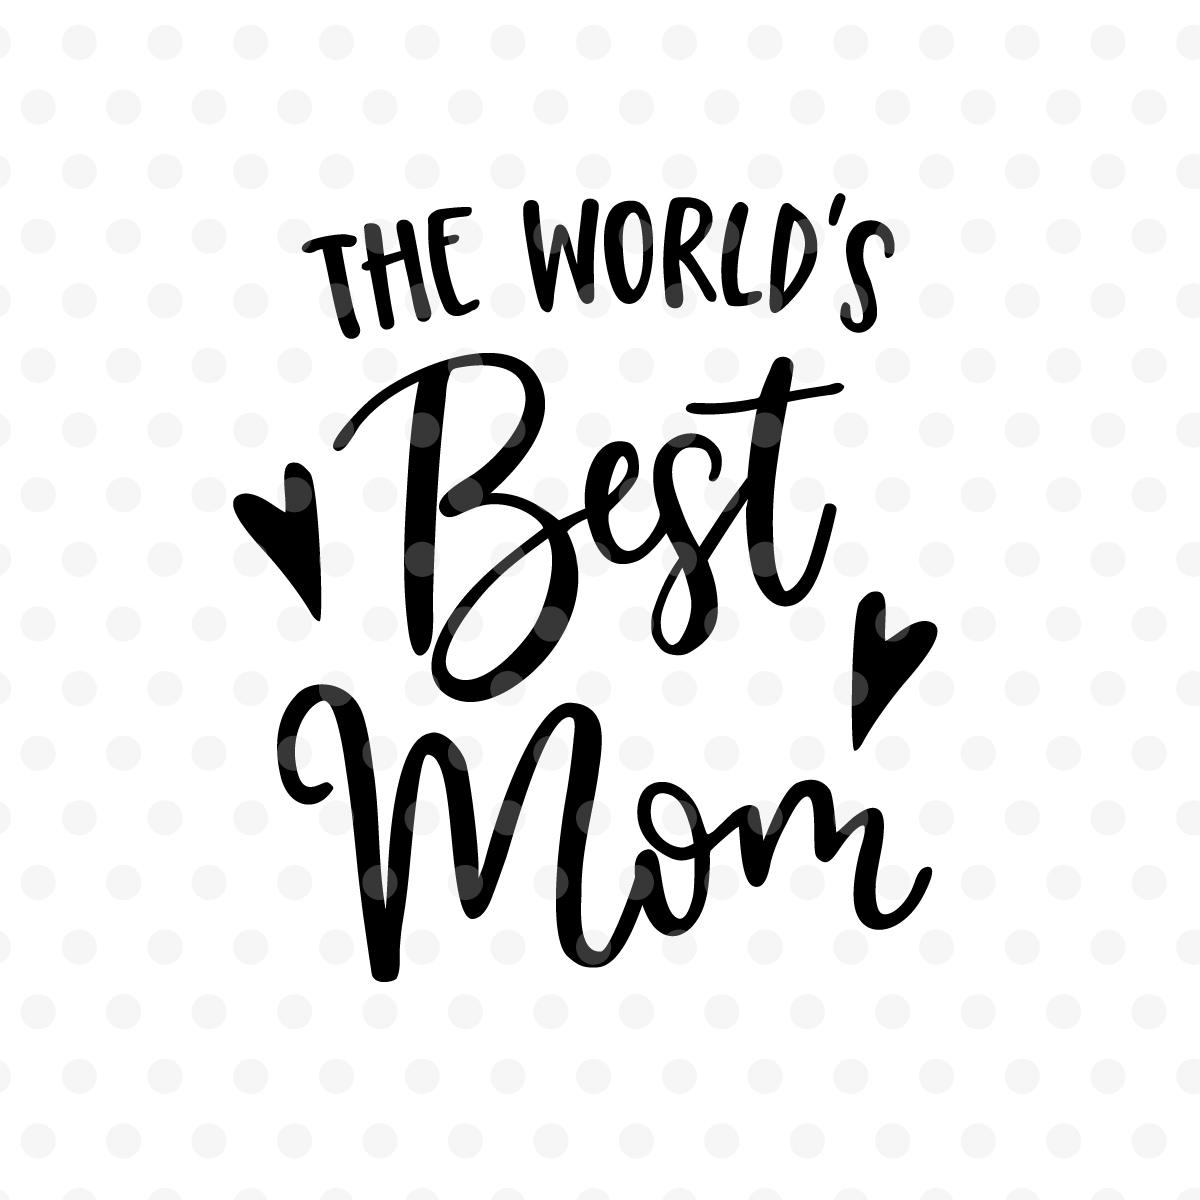 Worlds best mom SVG, EPS, PNG, DXF (85626) | SVGs | Design